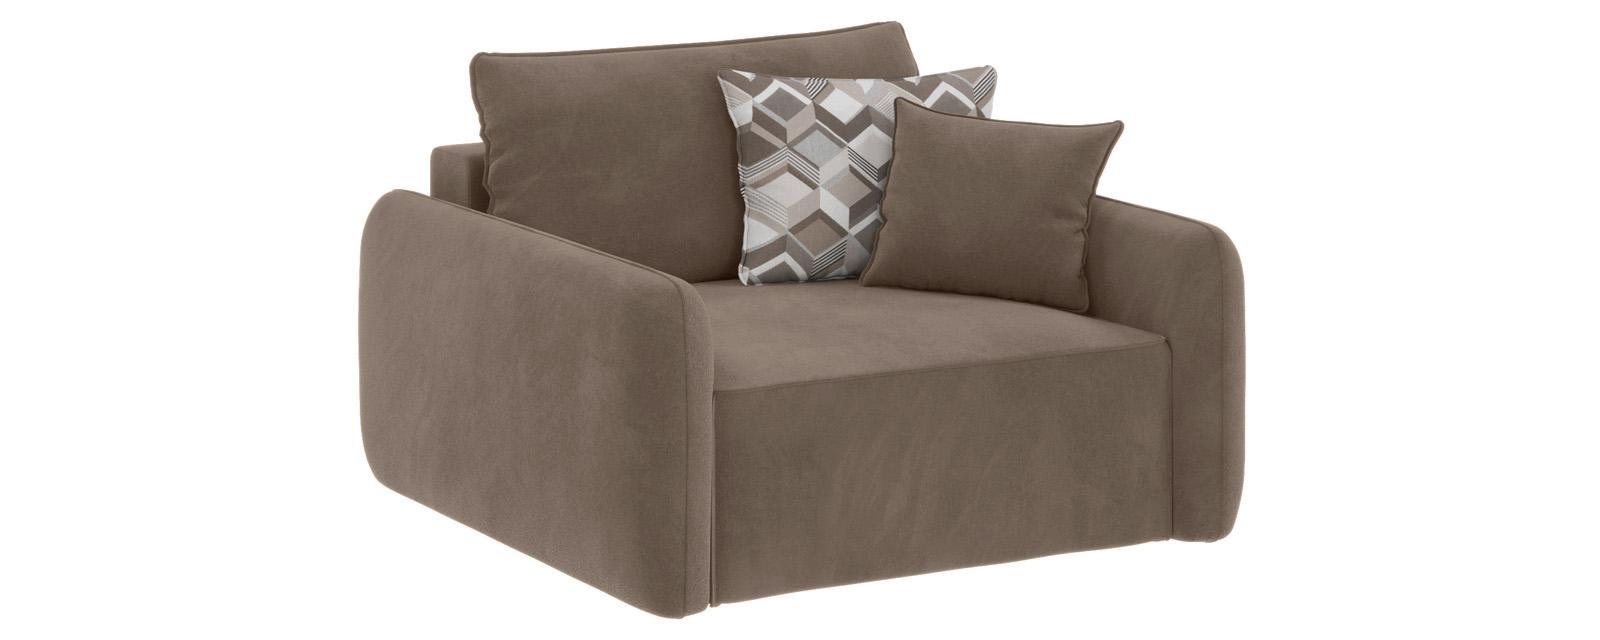 Модульный диван Портленд Soft темно-бежевый (Вел-флок)